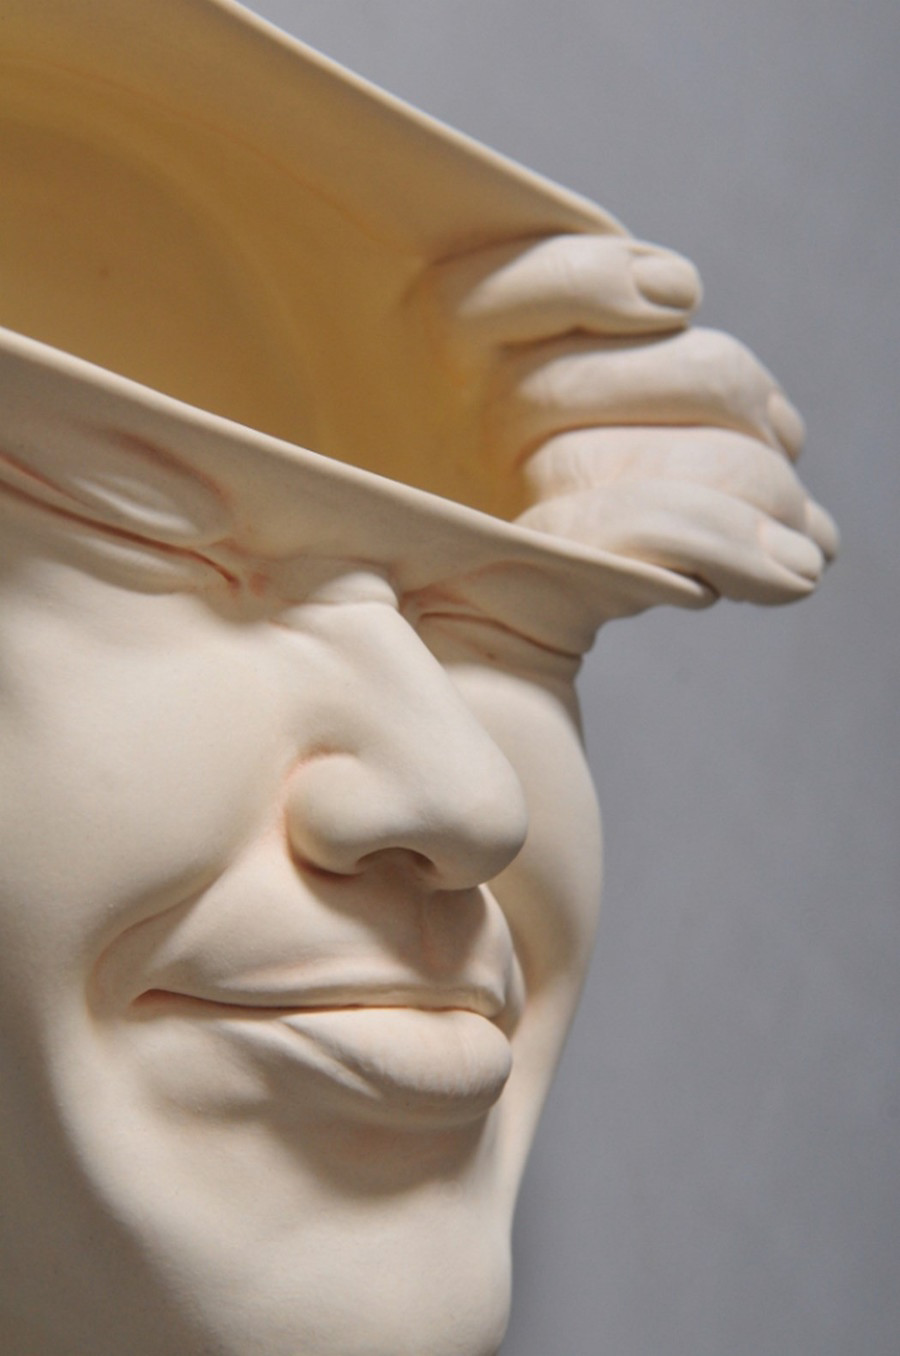 Minti deschise: Sculpturi suprarealiste din portelan - Poza 6